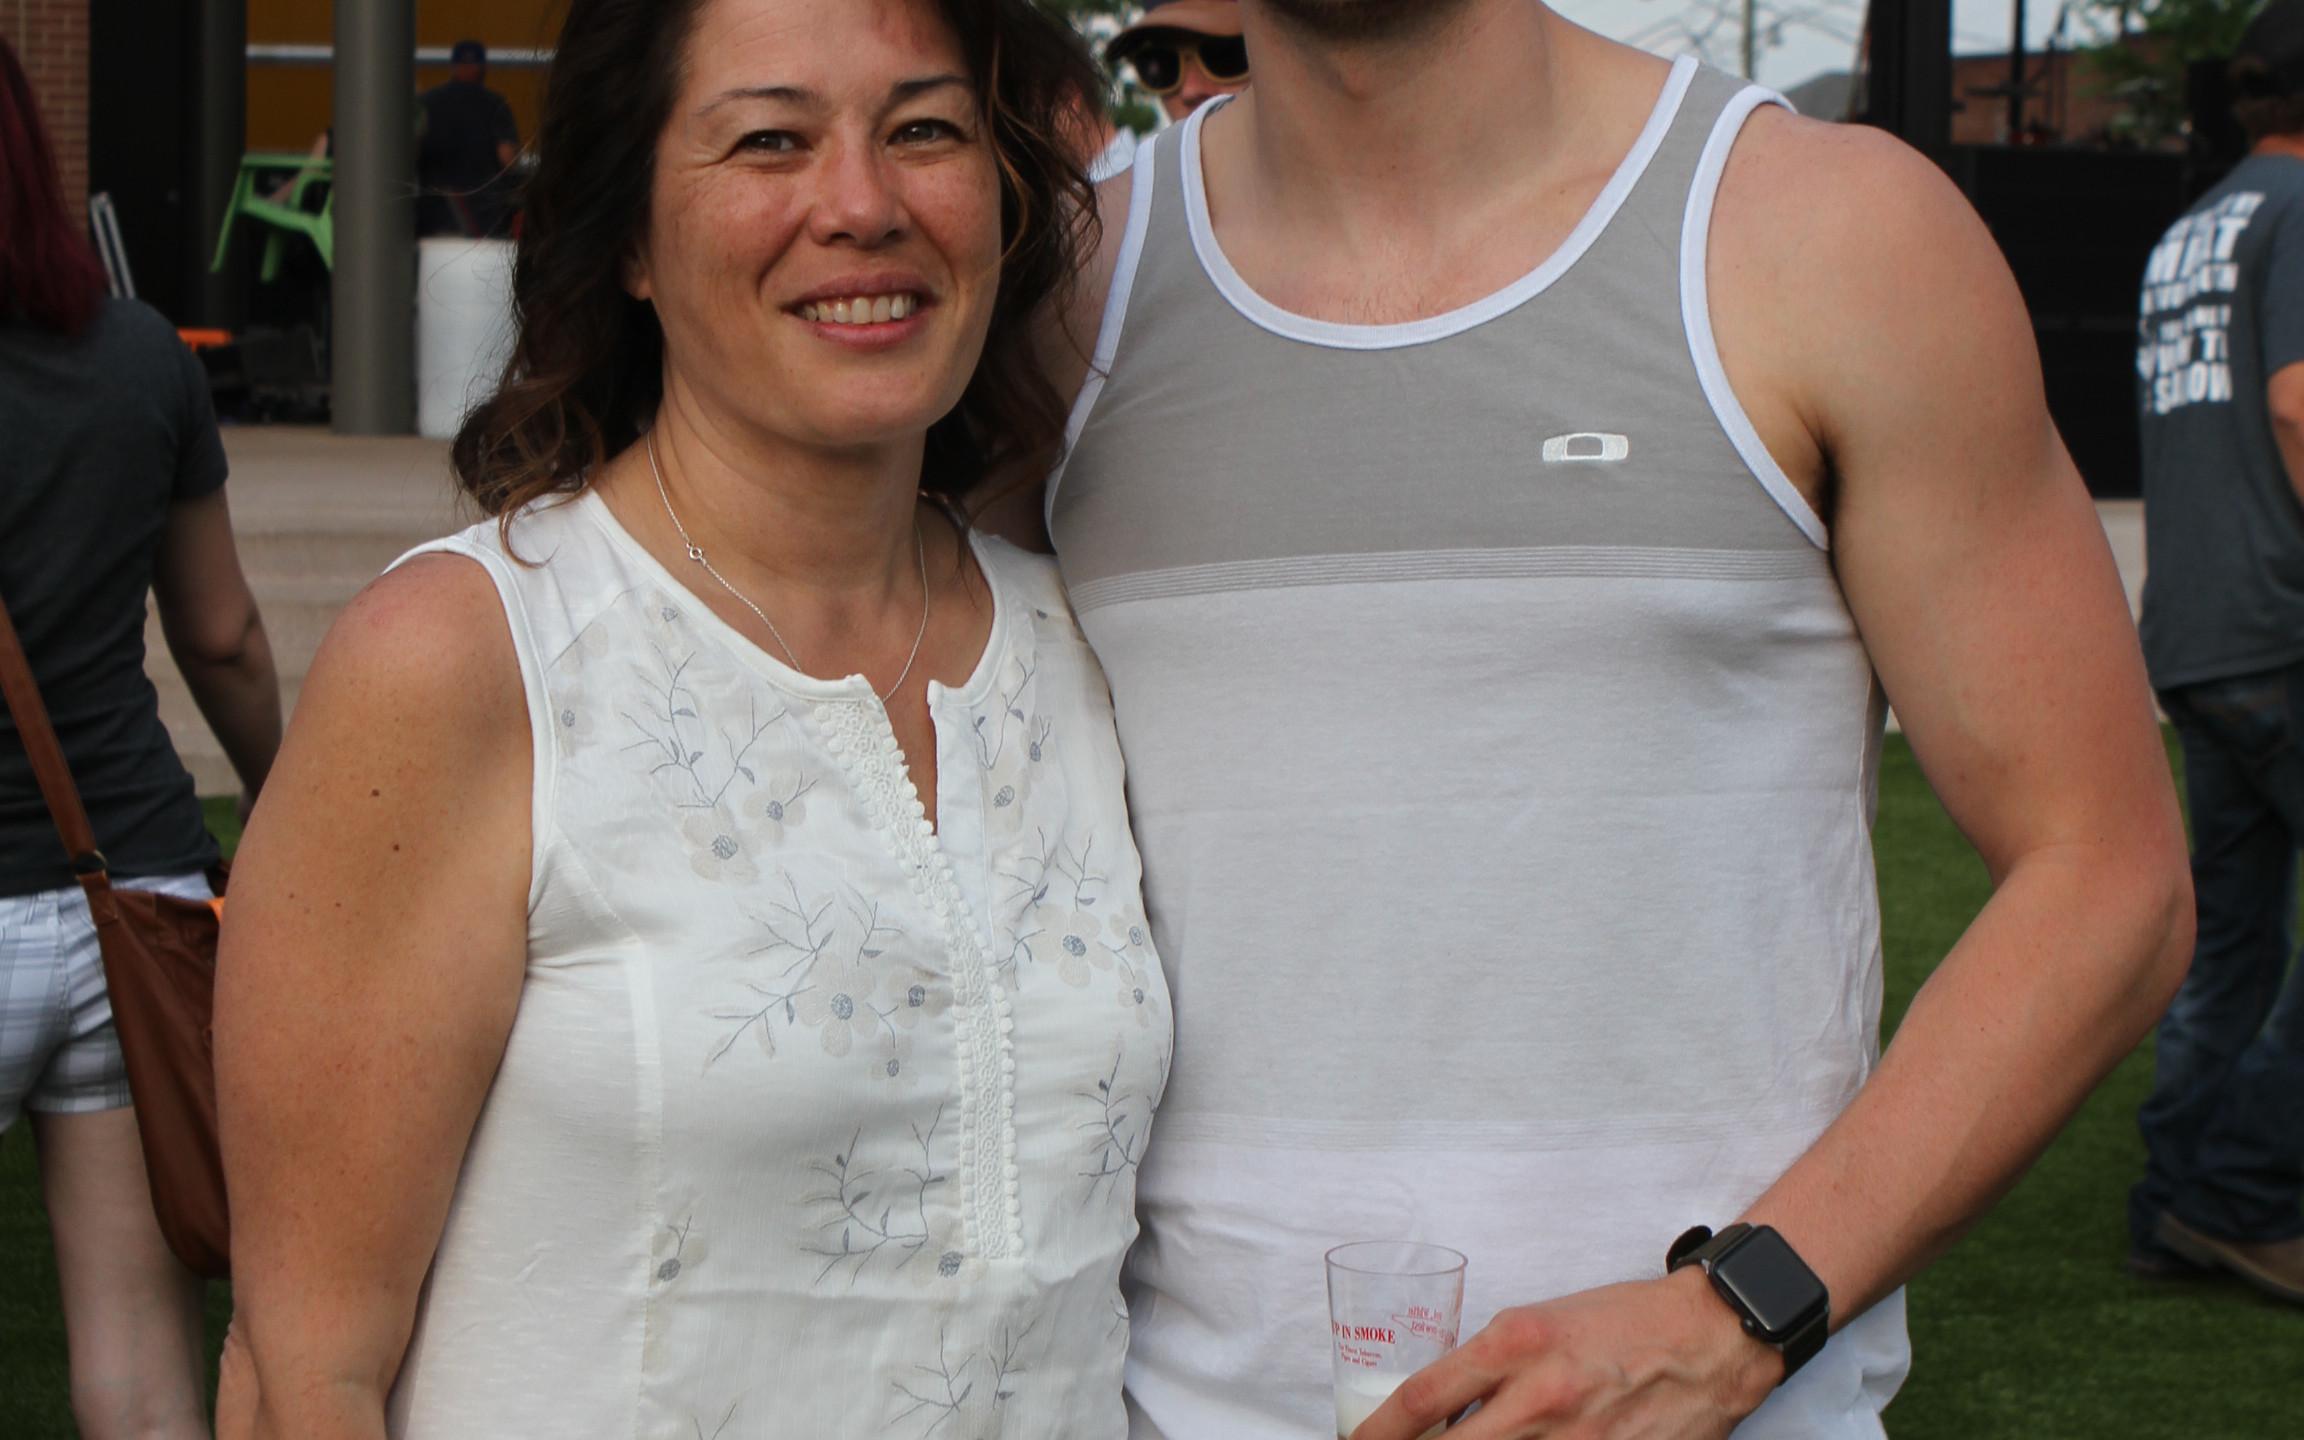 Barbara Mathieson and Brandon Pociask